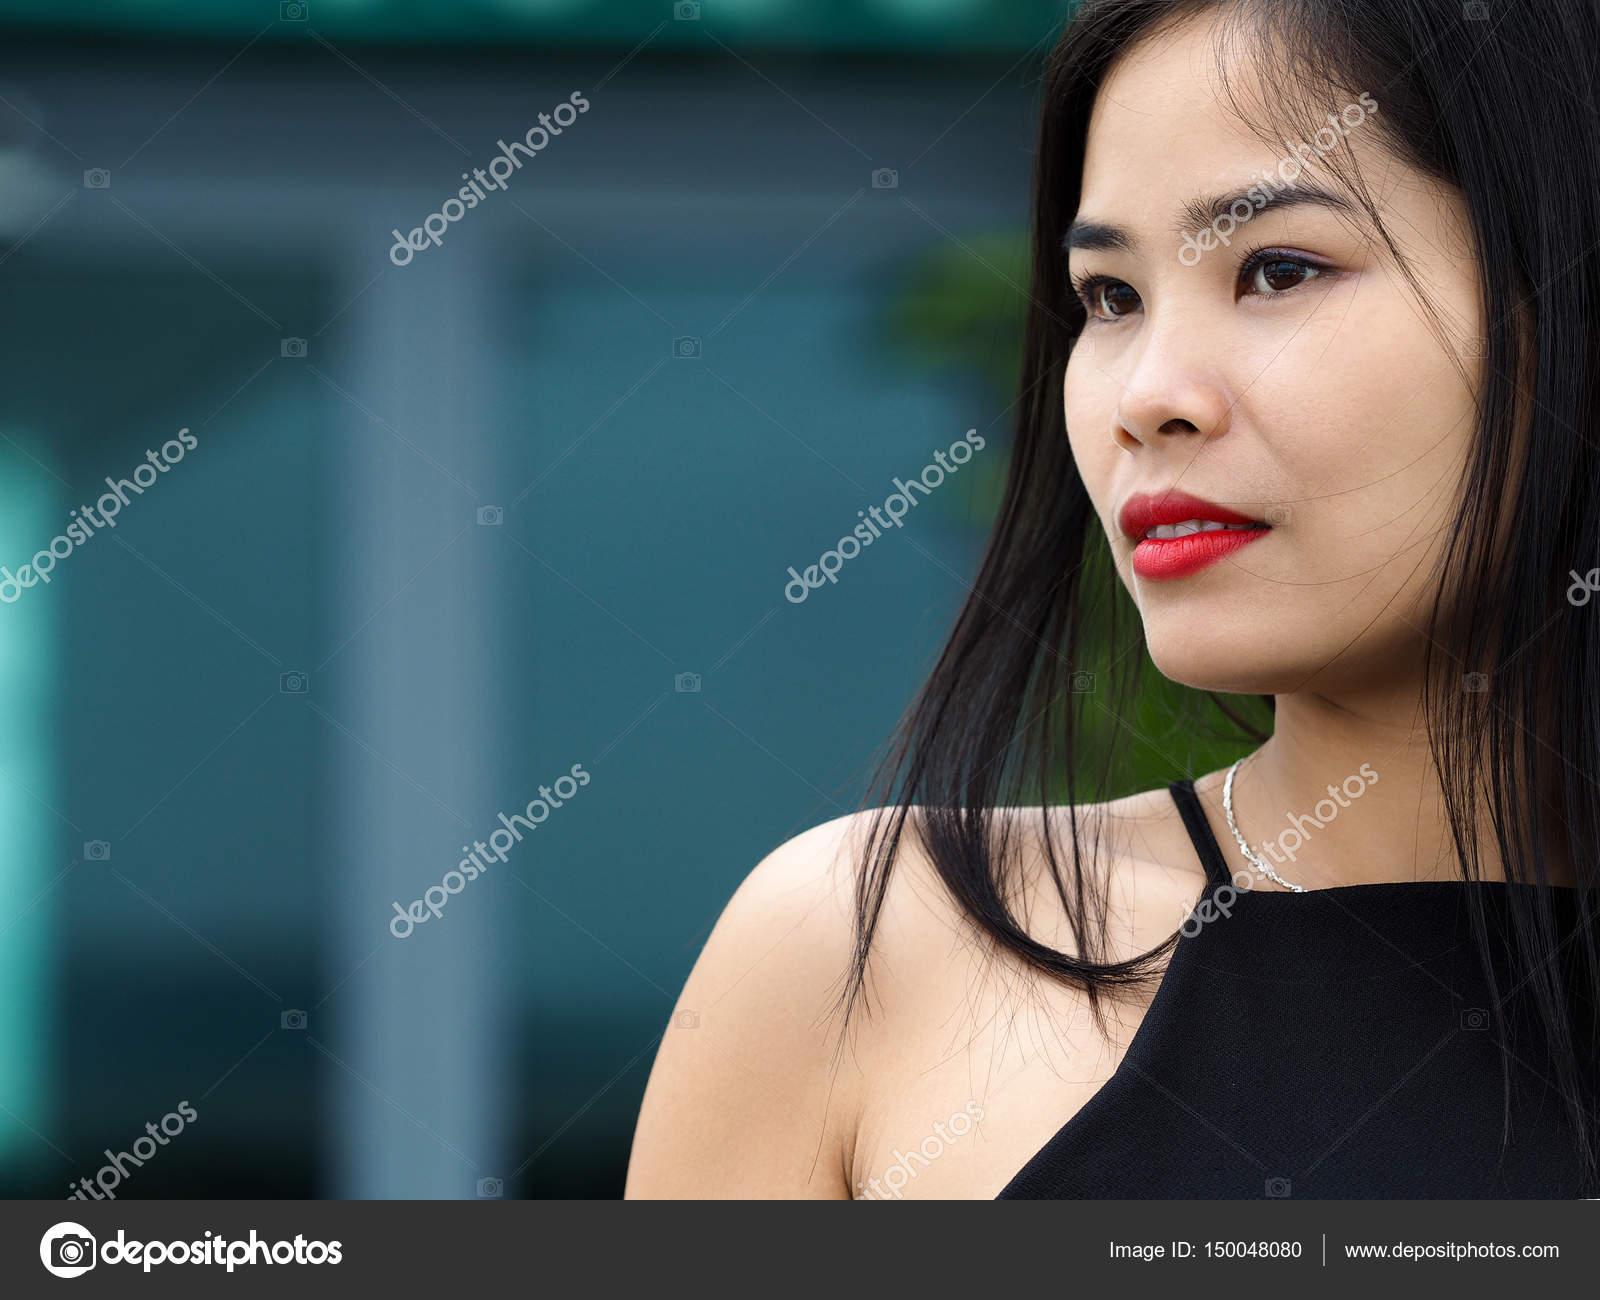 vecherinki-vetnamskih-studentov-smotret-porno-skritaya-kamera-poka-muzha-net